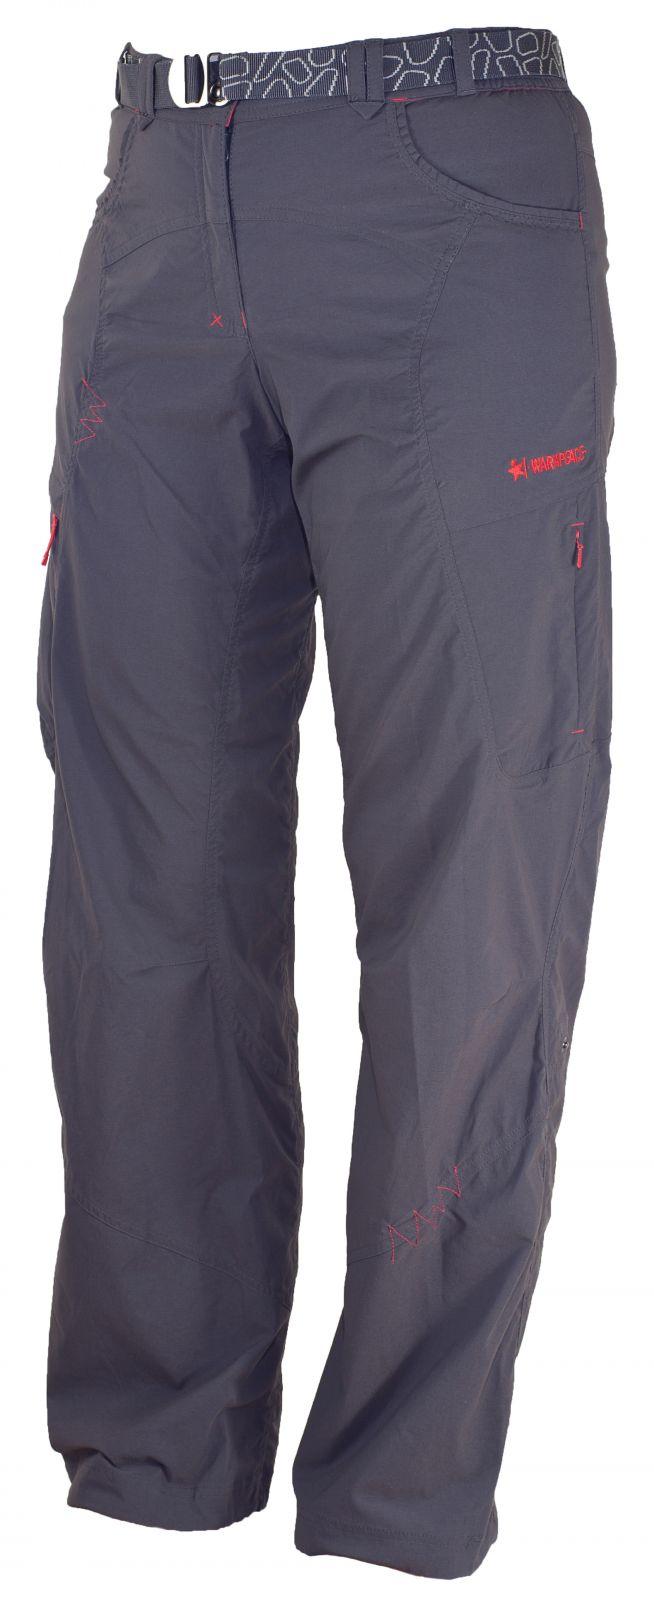 Tazz-Sport - Warmpeace Muriel Lady Iron dámské kalhoty